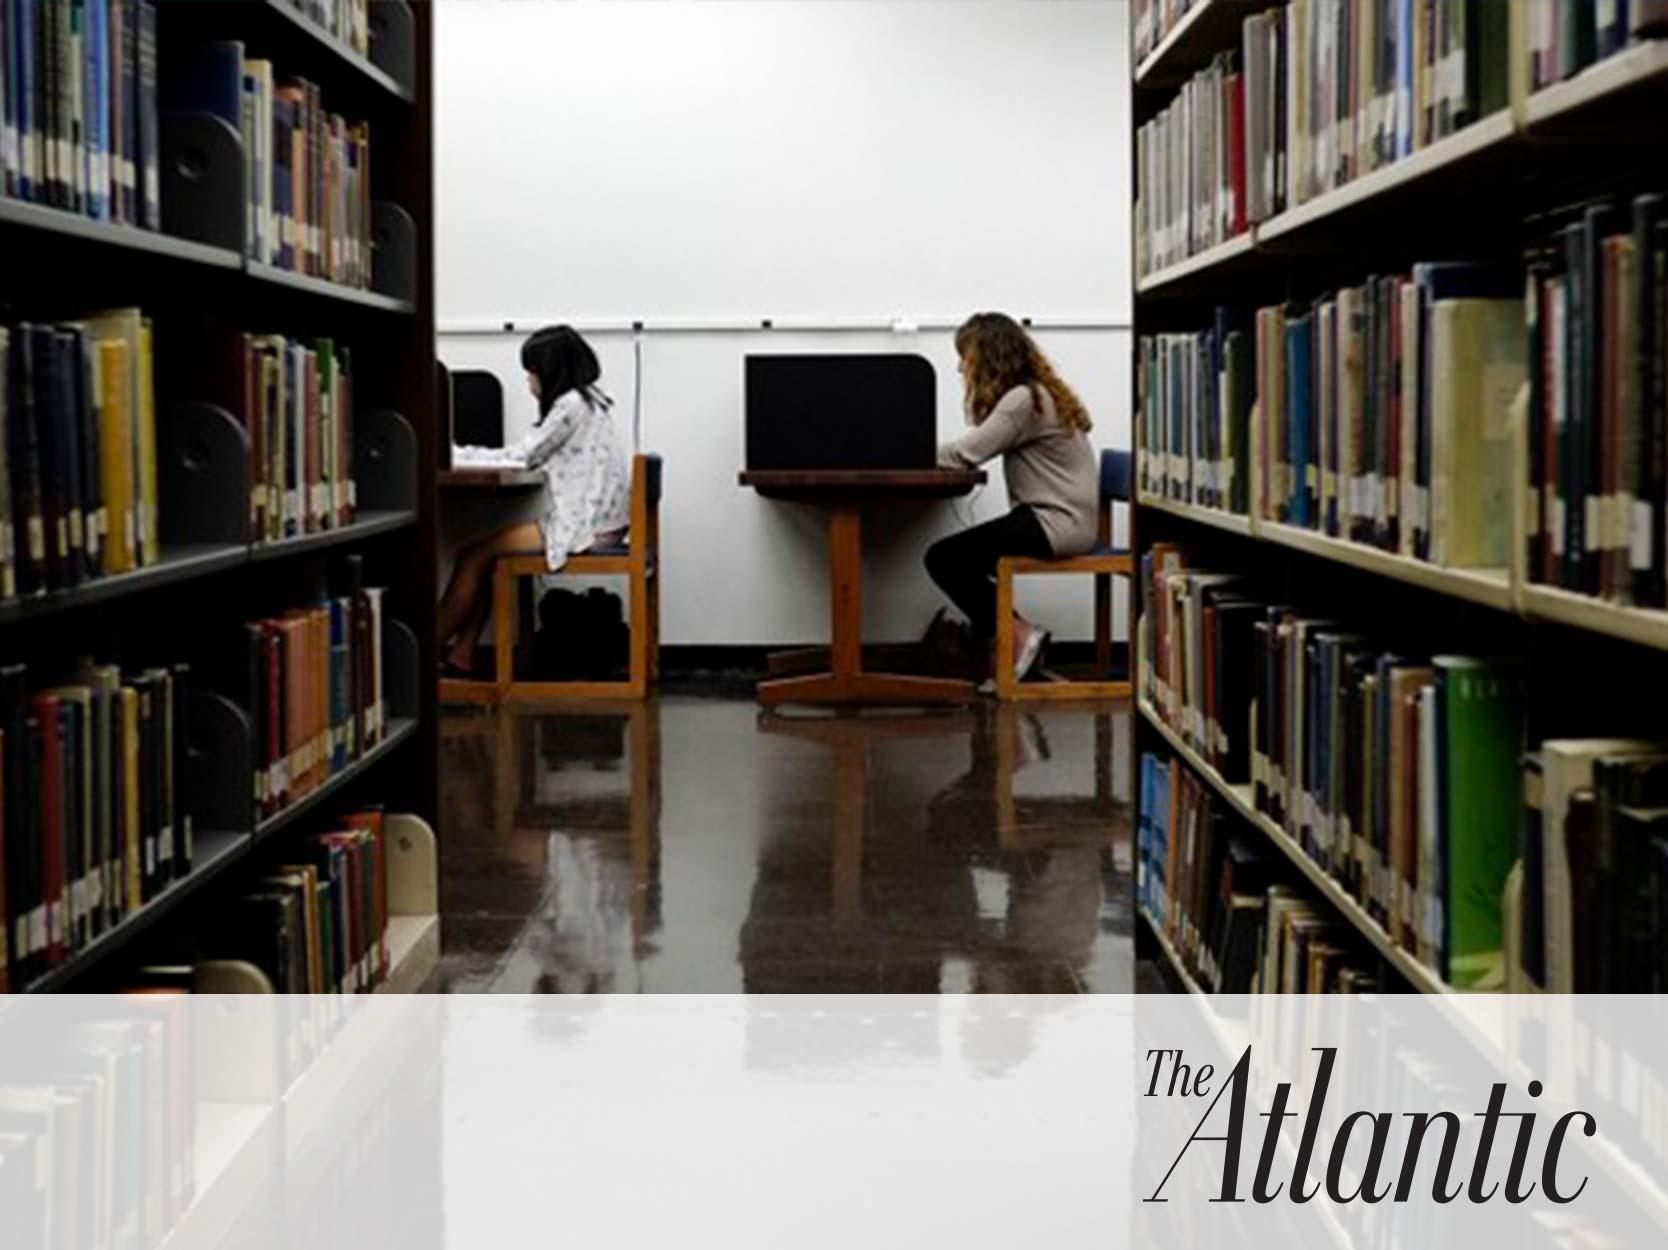 The Atlantic Press Thumbnail